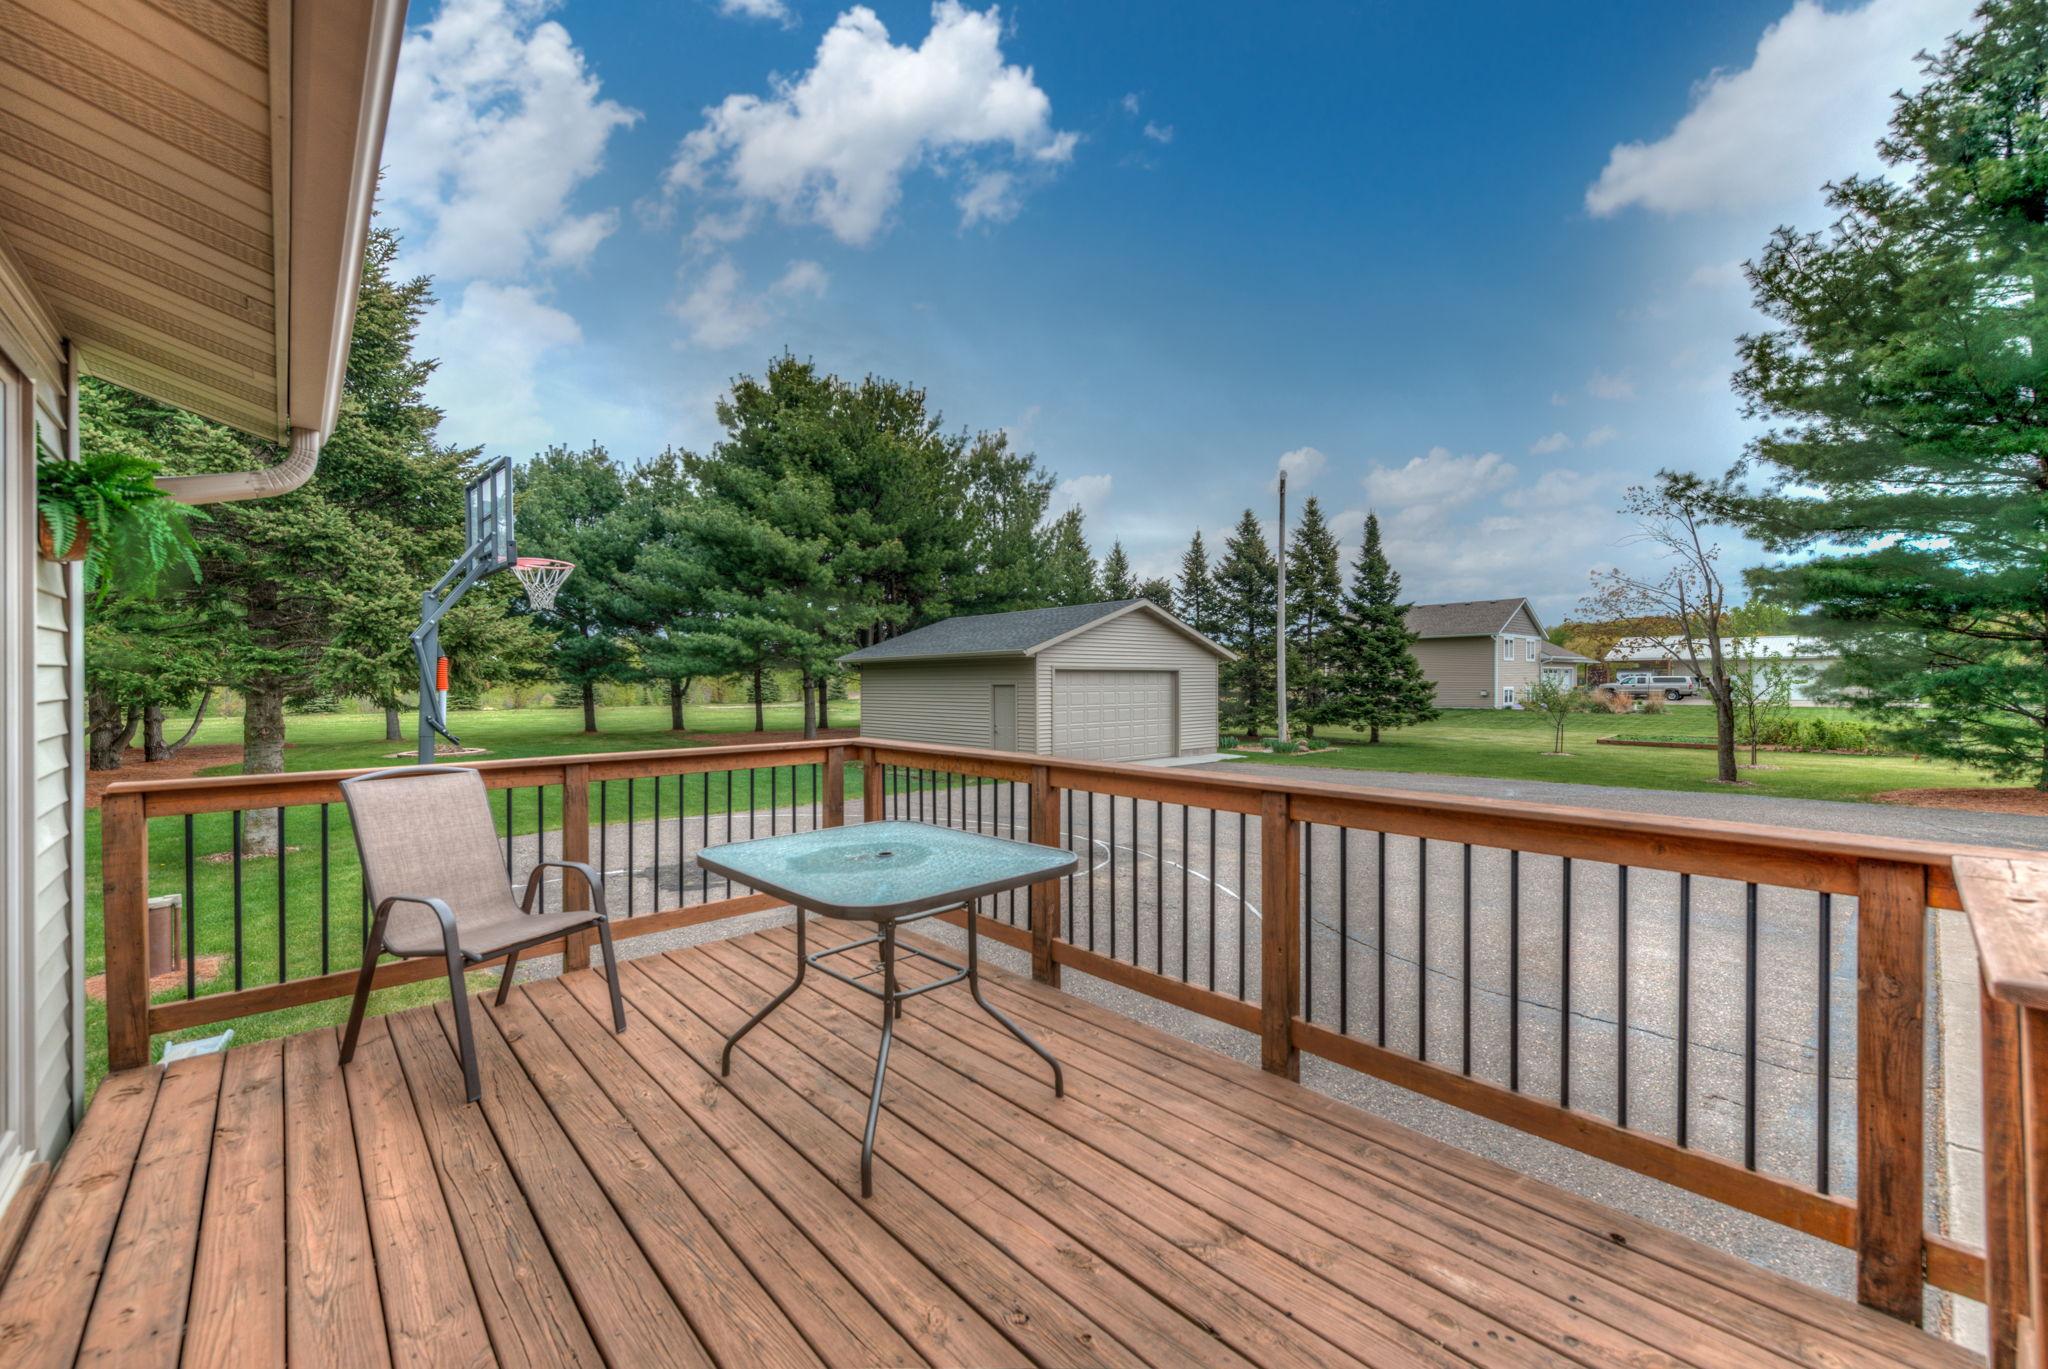 Deck/Front Porch